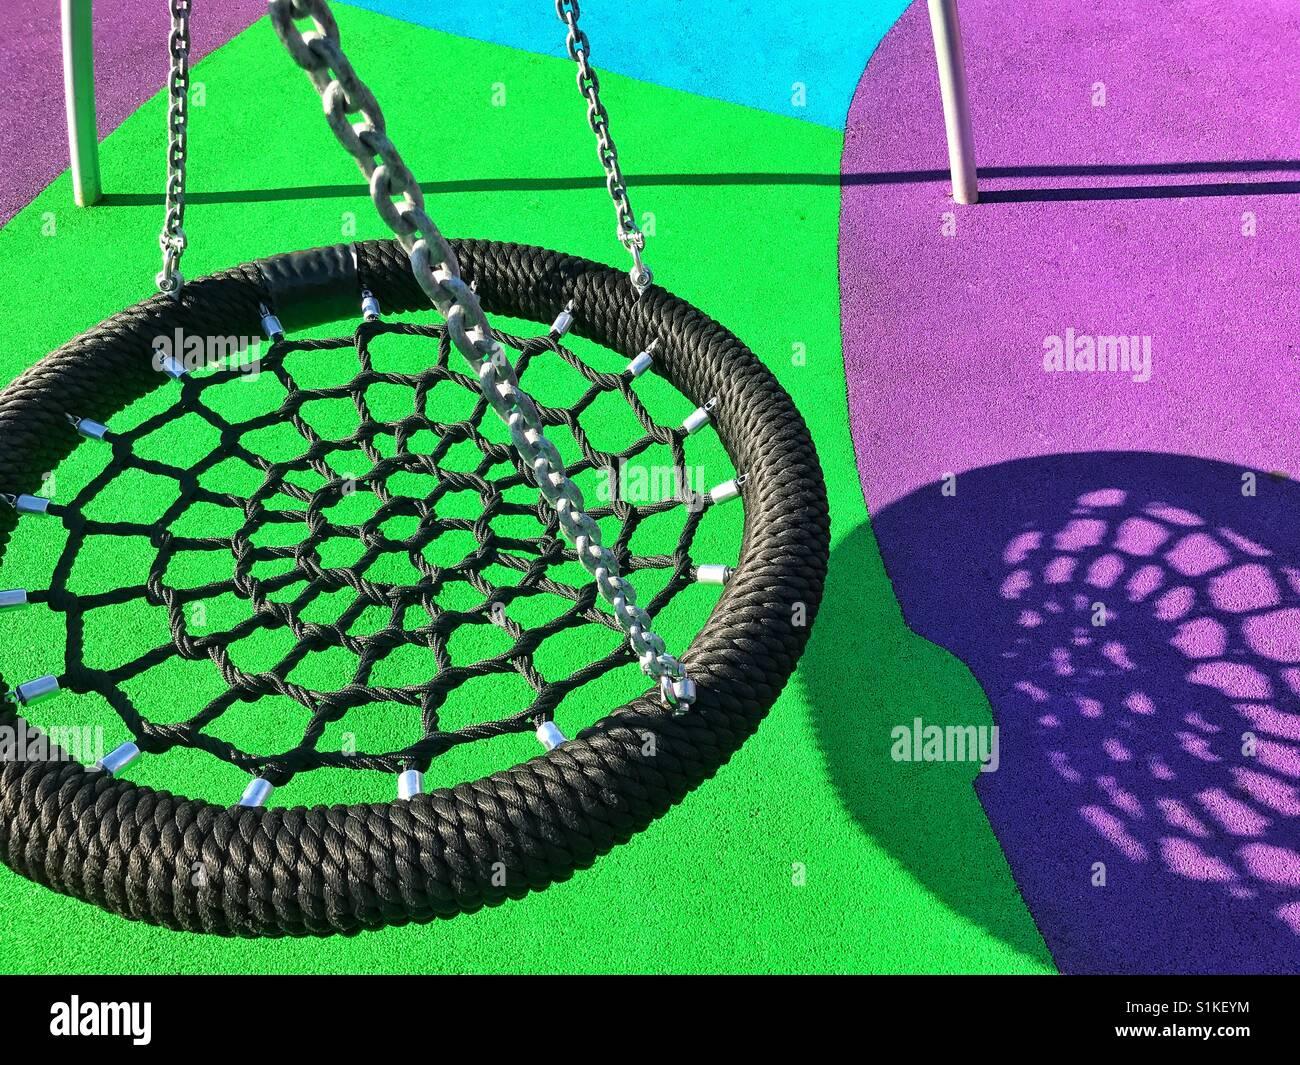 Un nuovo tipo di swing getta un ombra interessanti sulla terra colorata in un parco giochi per bambini. Una immagine Immagini Stock